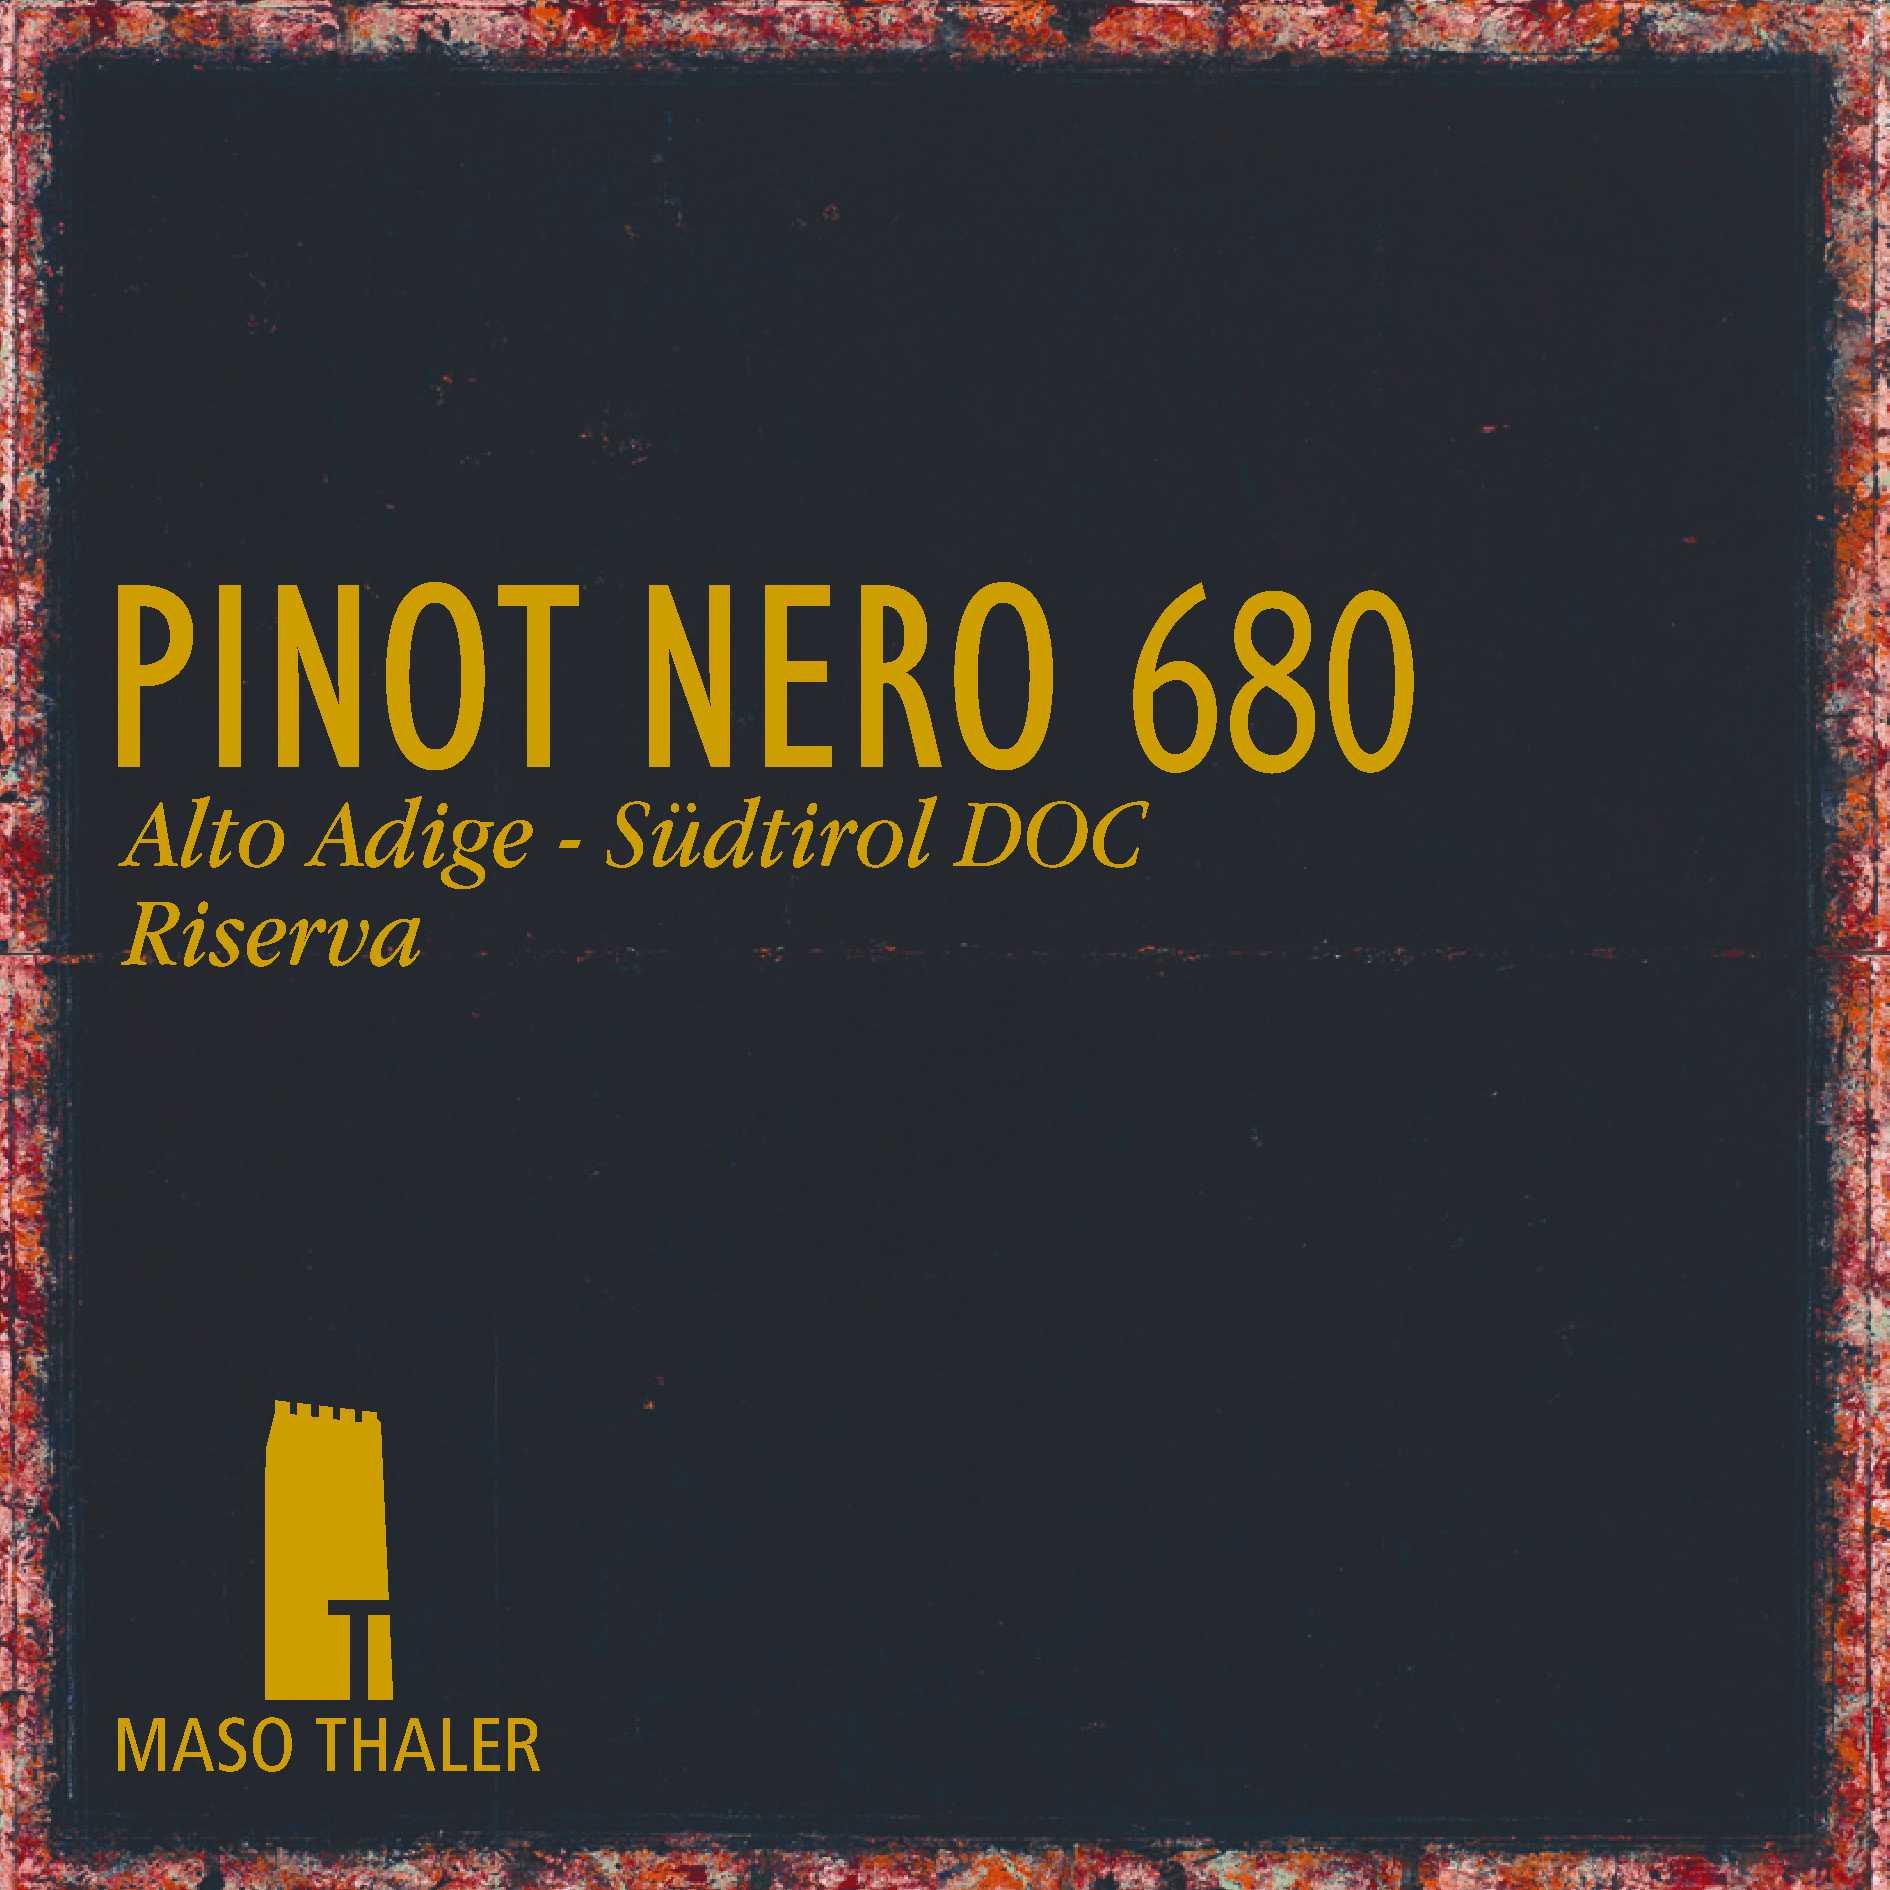 Et Pinot Nero 680 riserva.jpg